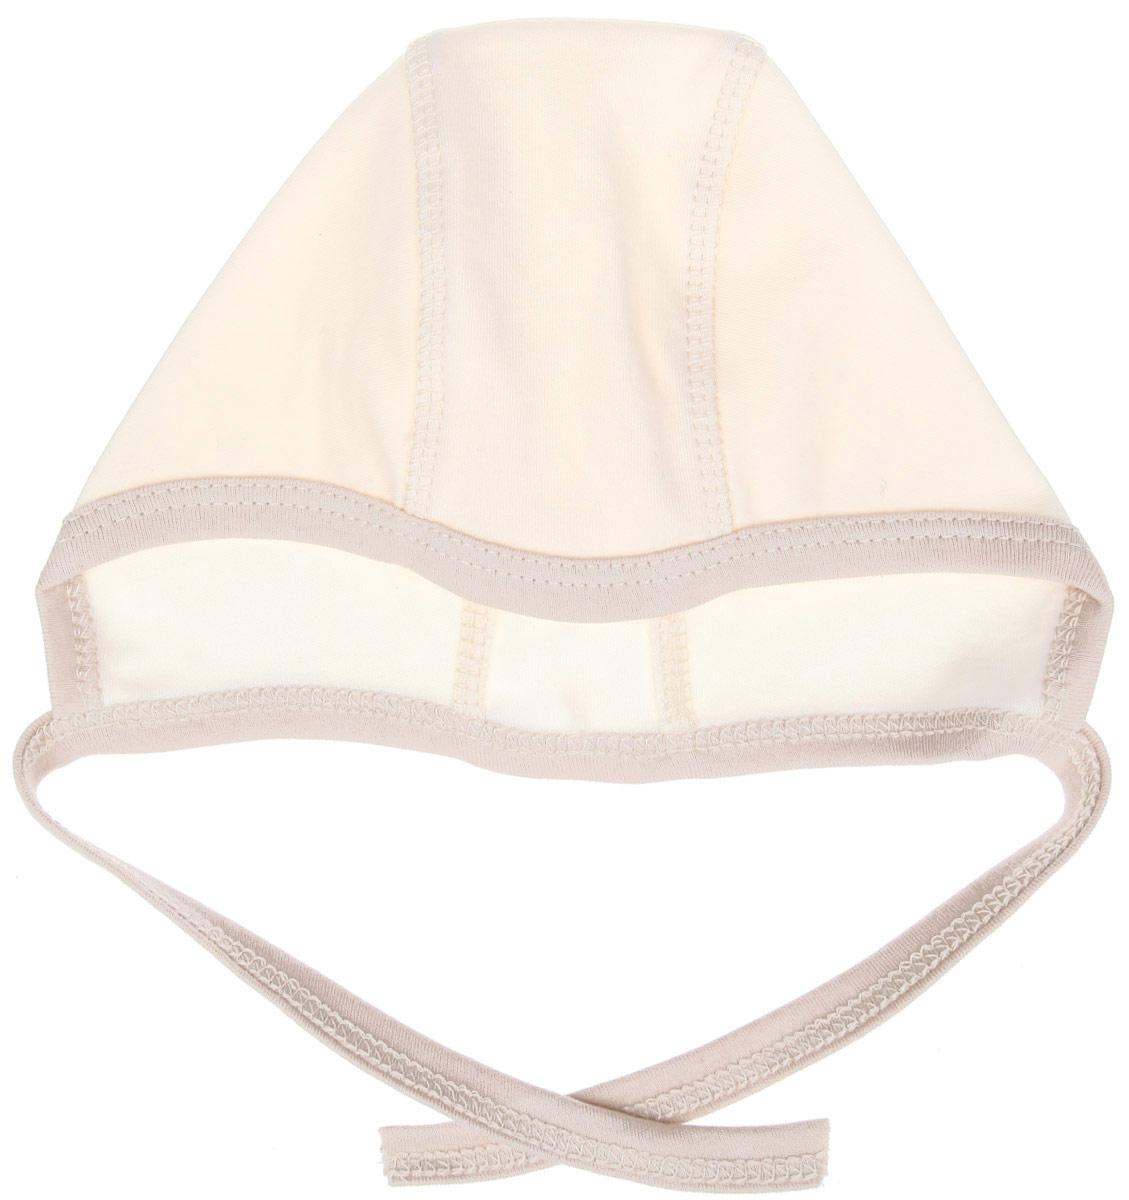 Чепчик03-0801Мягкий чепчик для девочки Linea Di Sette Бабочка идеально подойдет вашей малышке. Изделие изготовлено из органического хлопка, ткани из которого не вредят нежной коже малыша, а также их производство безопасно для окружающей среды. Органический хлопок очень мягкий, отлично пропускает воздух, обеспечивая максимальный комфорт. Плоские швы изделия приятны для младенца. Модель по краю оформлена трикотажной бейкой. С помощью завязок можно регулировать обхват головы и шеи. Чепчик необходим любому младенцу, он защищает еще не заросший родничок, щадит чувствительный слух малыша, прикрывая ушки, а также предохраняет от теплопотерь.